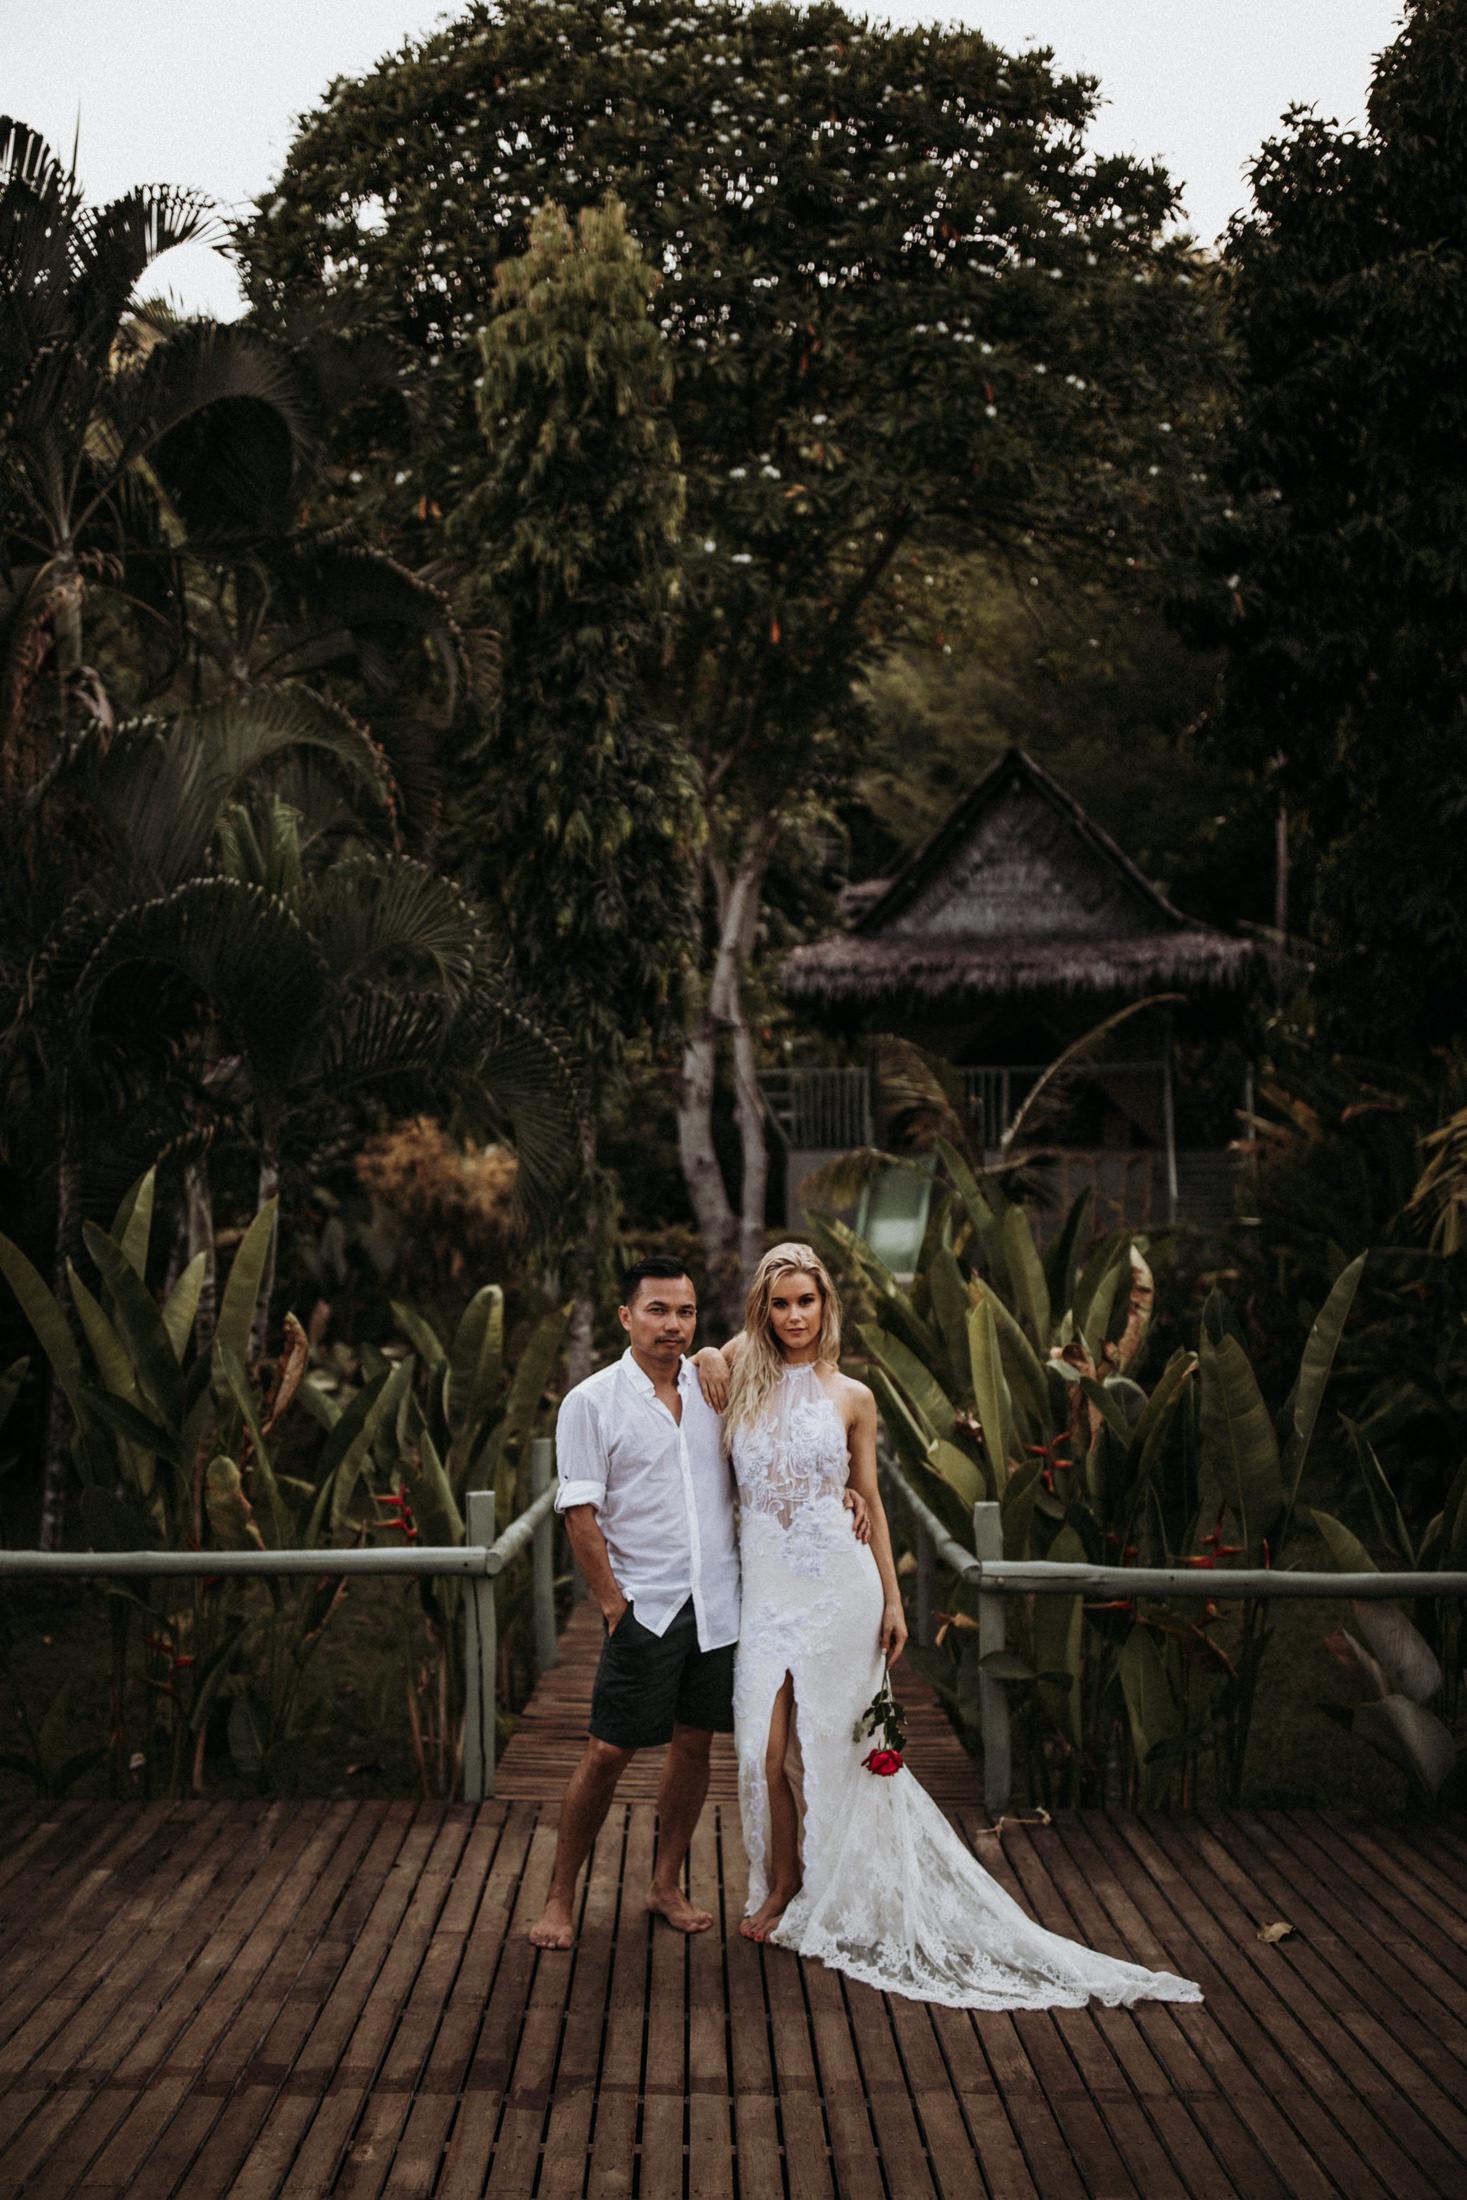 DanielaMarquardt_Wedding_Thailand_499